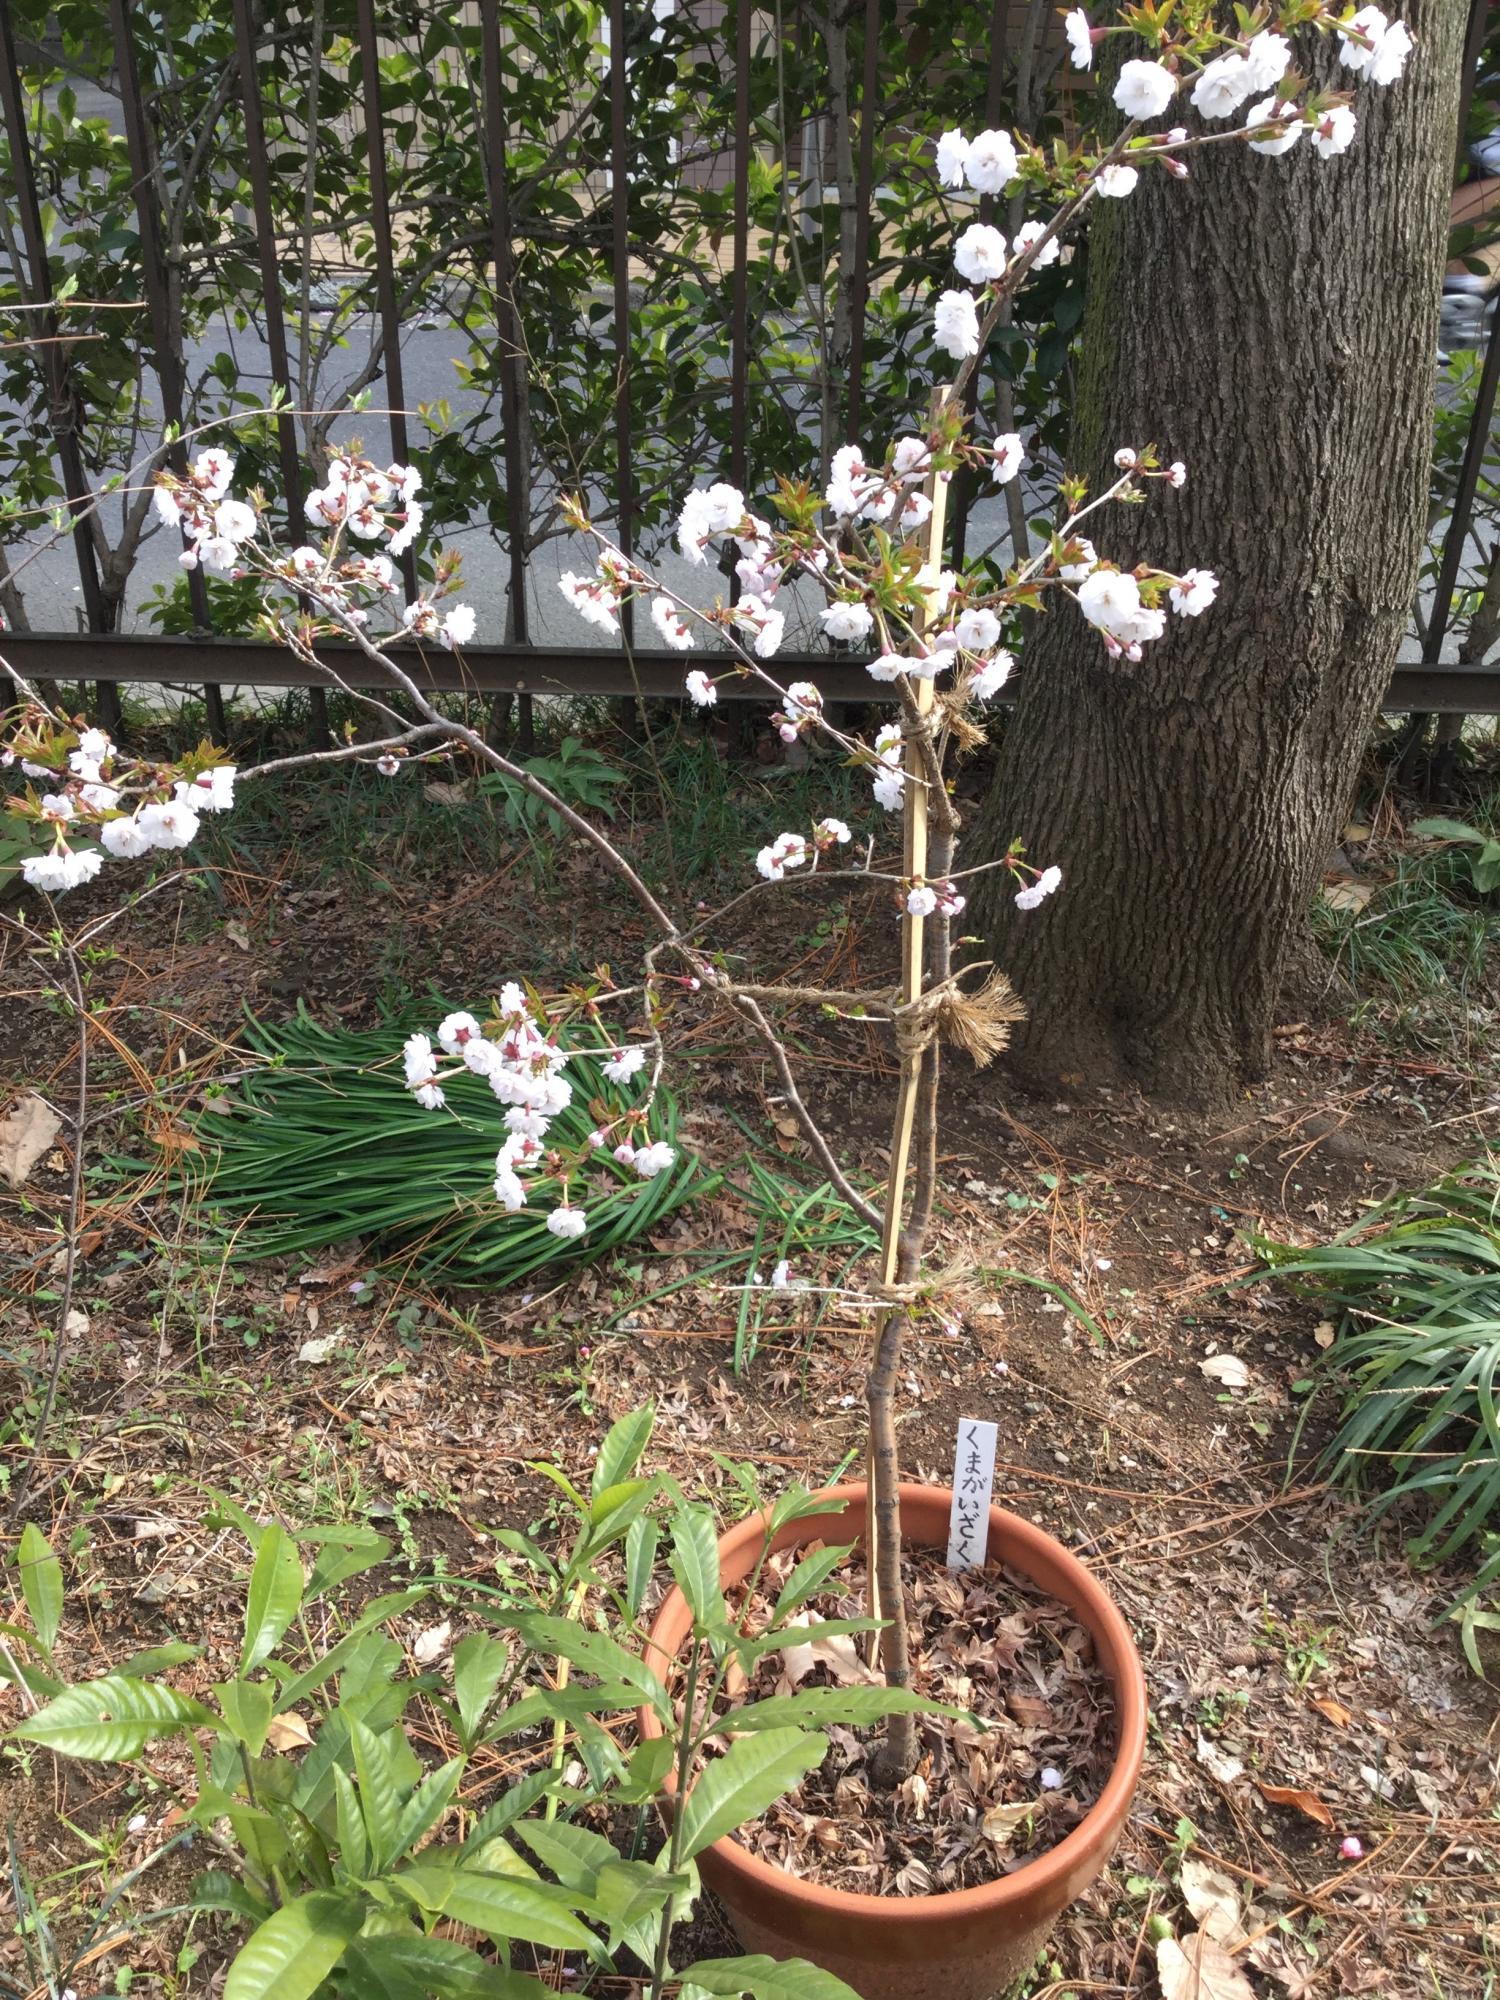 마키노 기념정원의 꽃들 이미지